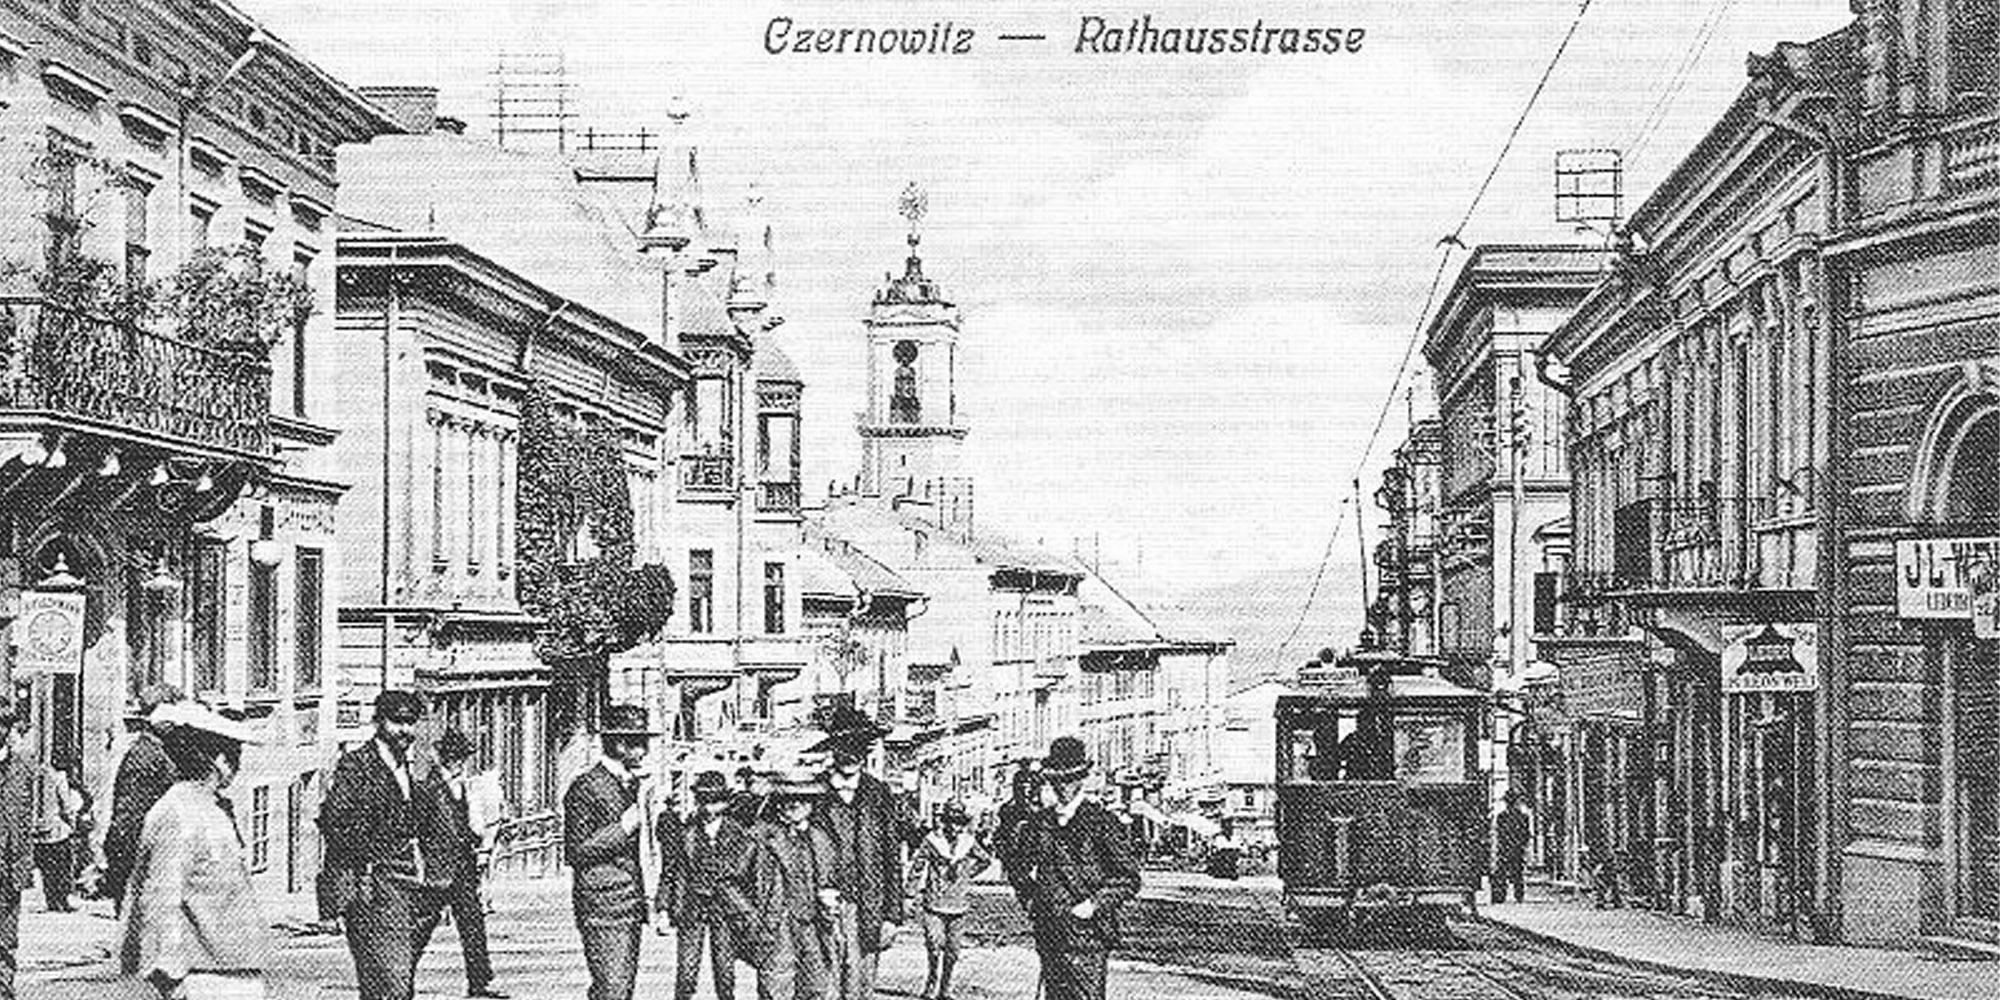 czernowitz-postkarte-innenstadt-pano.jpg